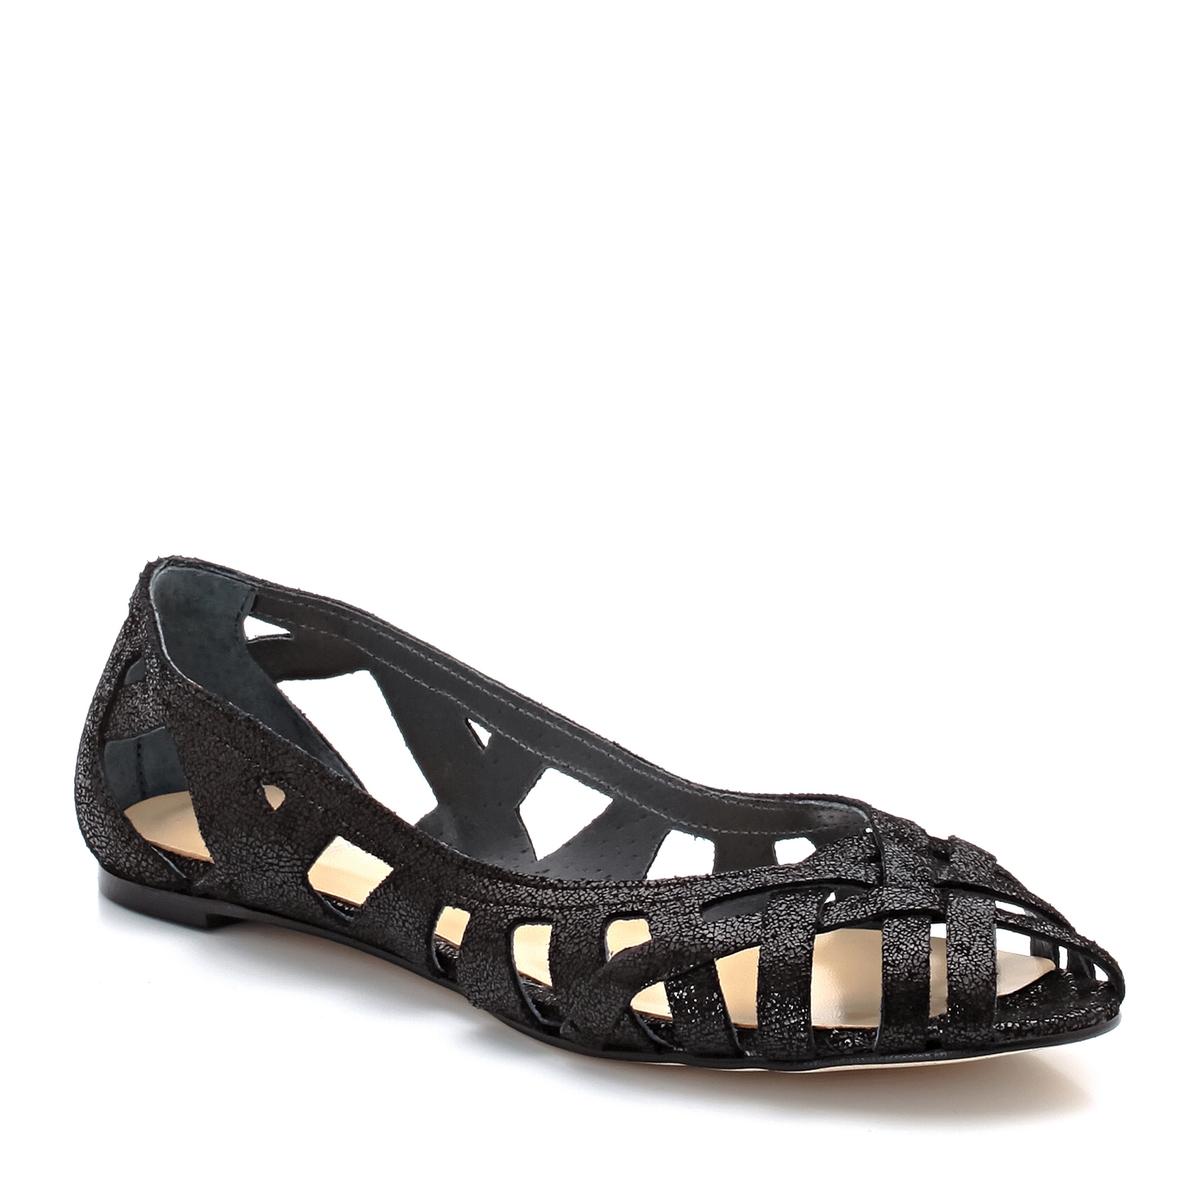 Балетки из ажурной кожи DerayВерх : Кожа.   Подкладка : Кожа.   Стелька : Кожа.   Подошва : эластомер   Форма каблука : плоский каблук   Носок : закругленный   Застежка : без застежки<br><br>Цвет: золотистый,черный